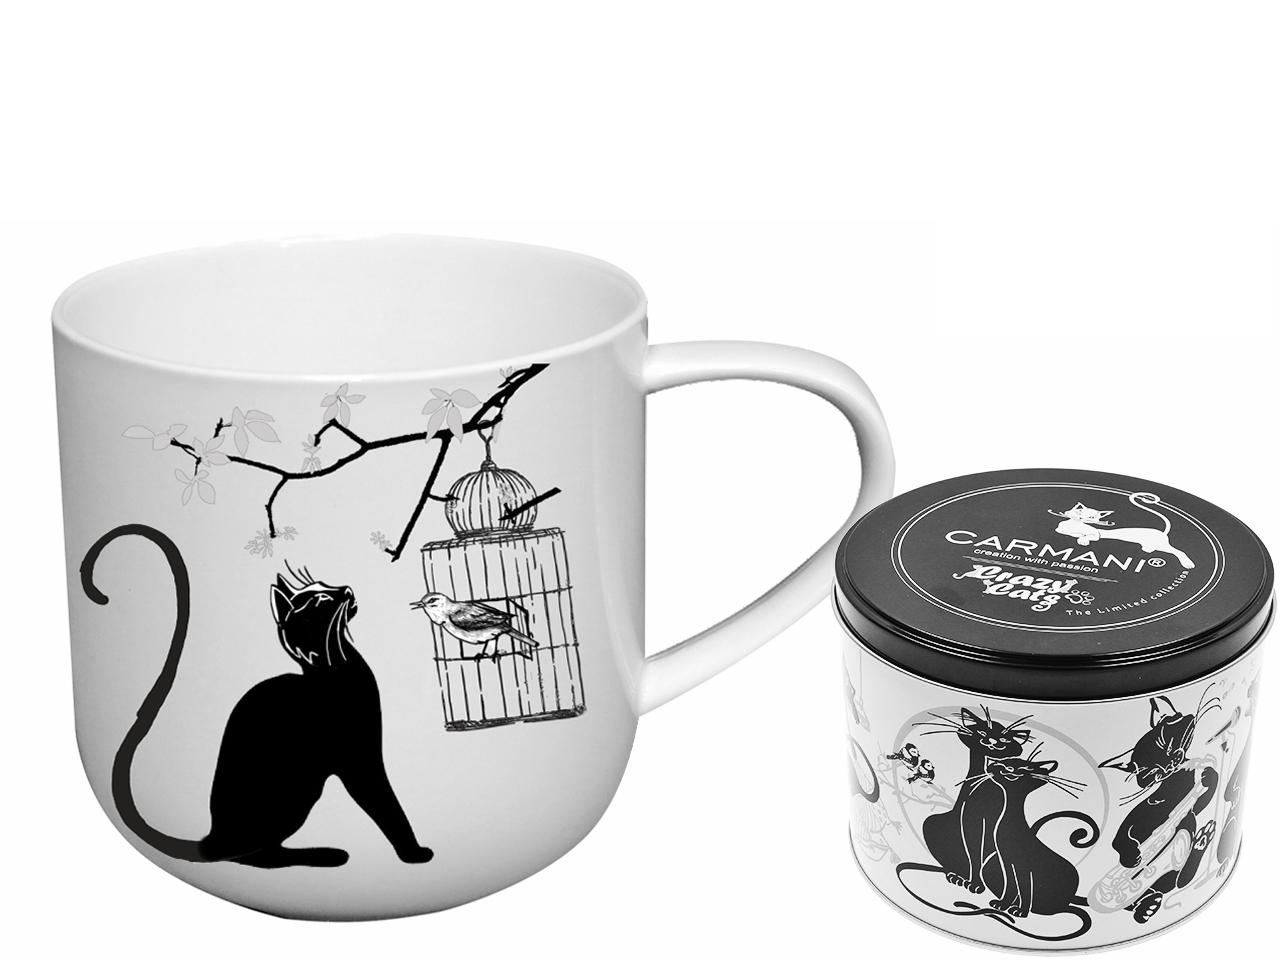 Mestres da pintura - Koci świat - Gatos e Gaiola - Caneca Porcelana